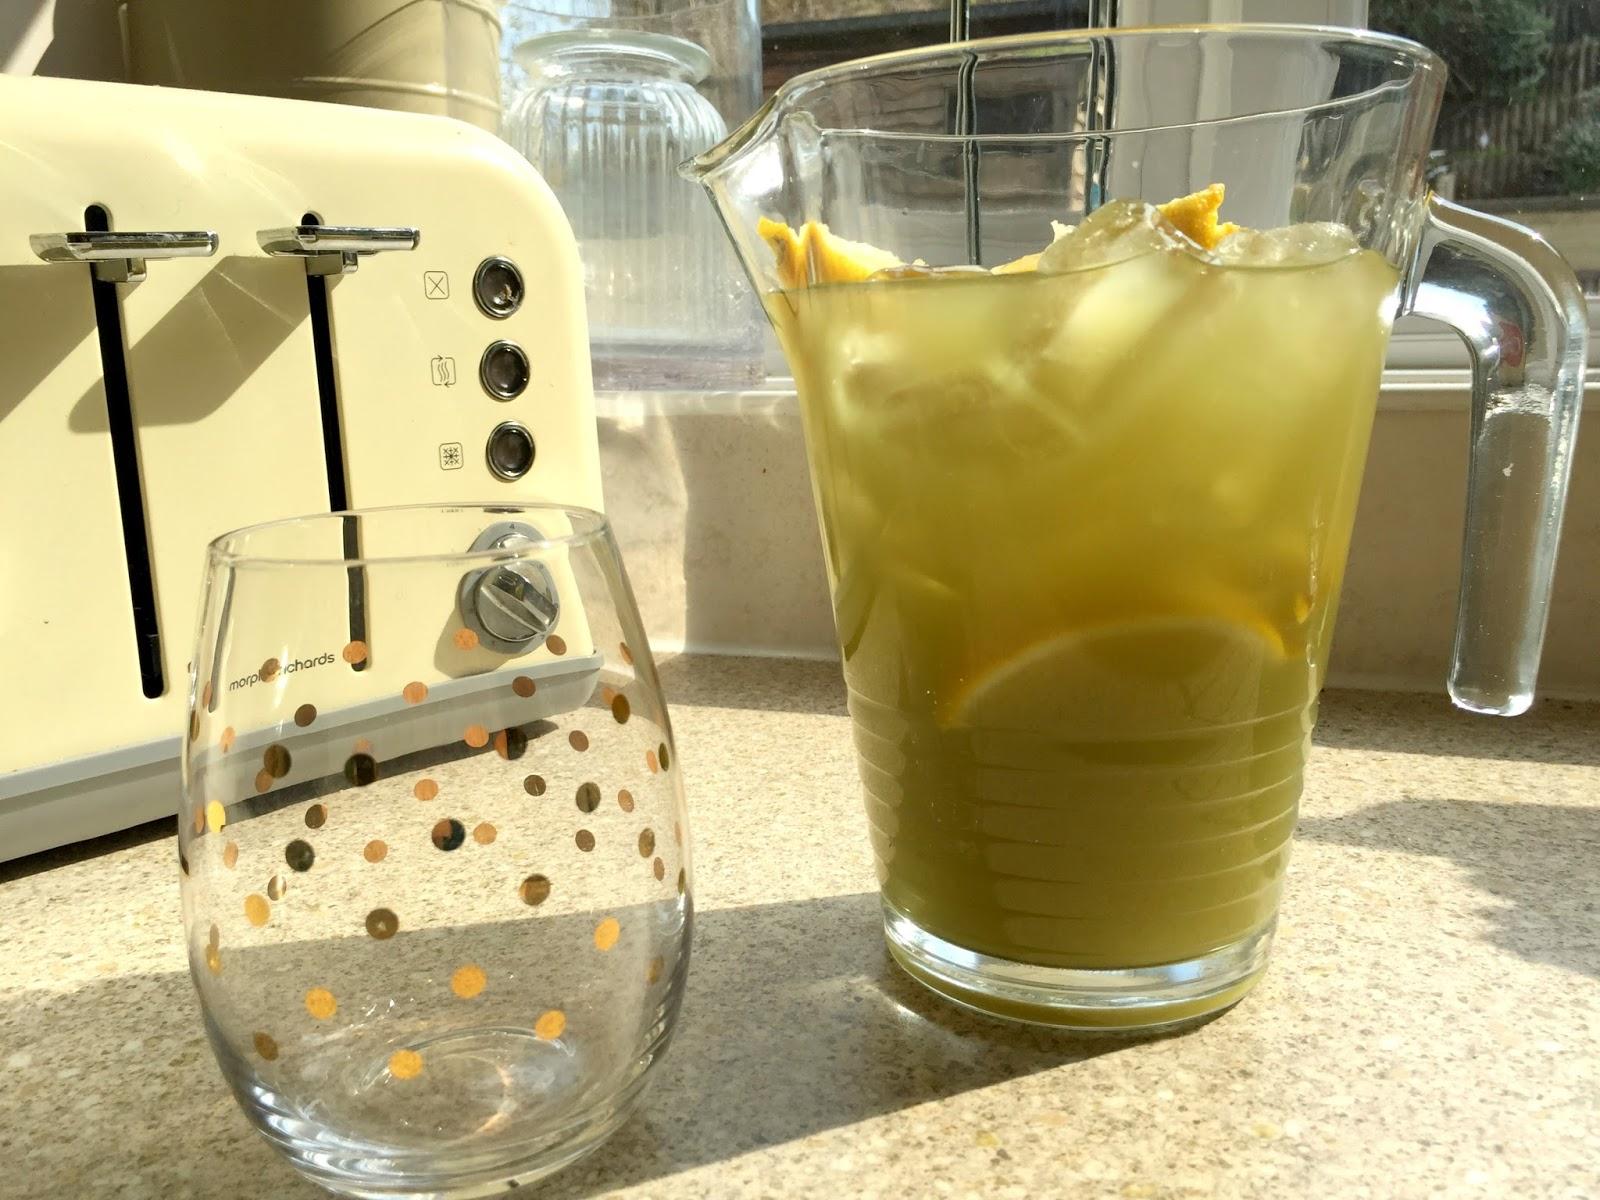 Teaforia Citrus Zen tea